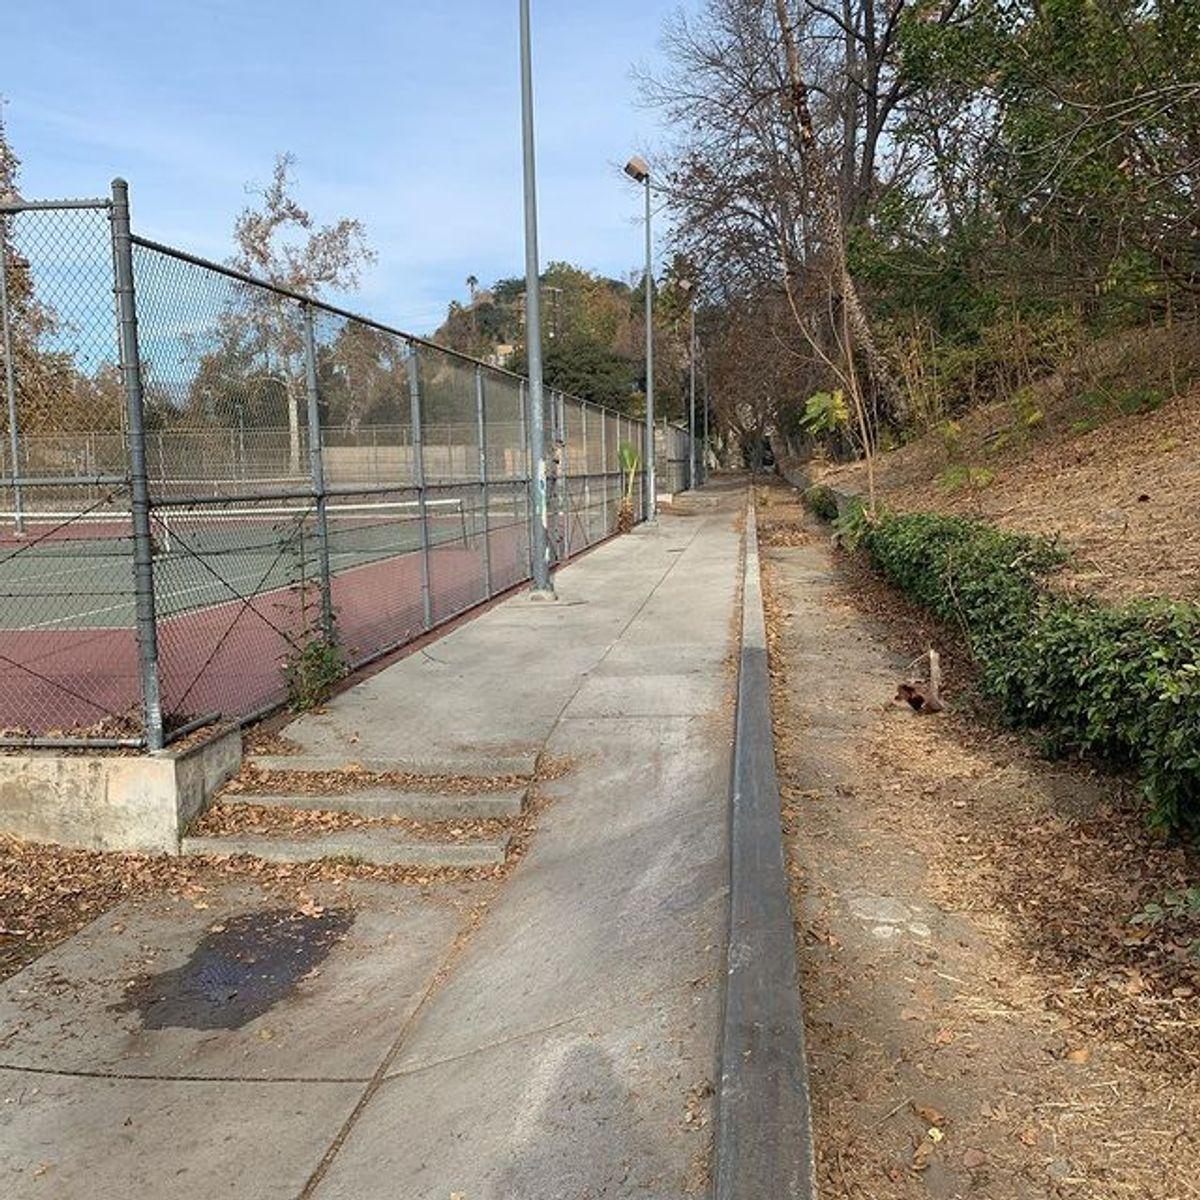 Image for skate spot Hermon Park Bank Ledge